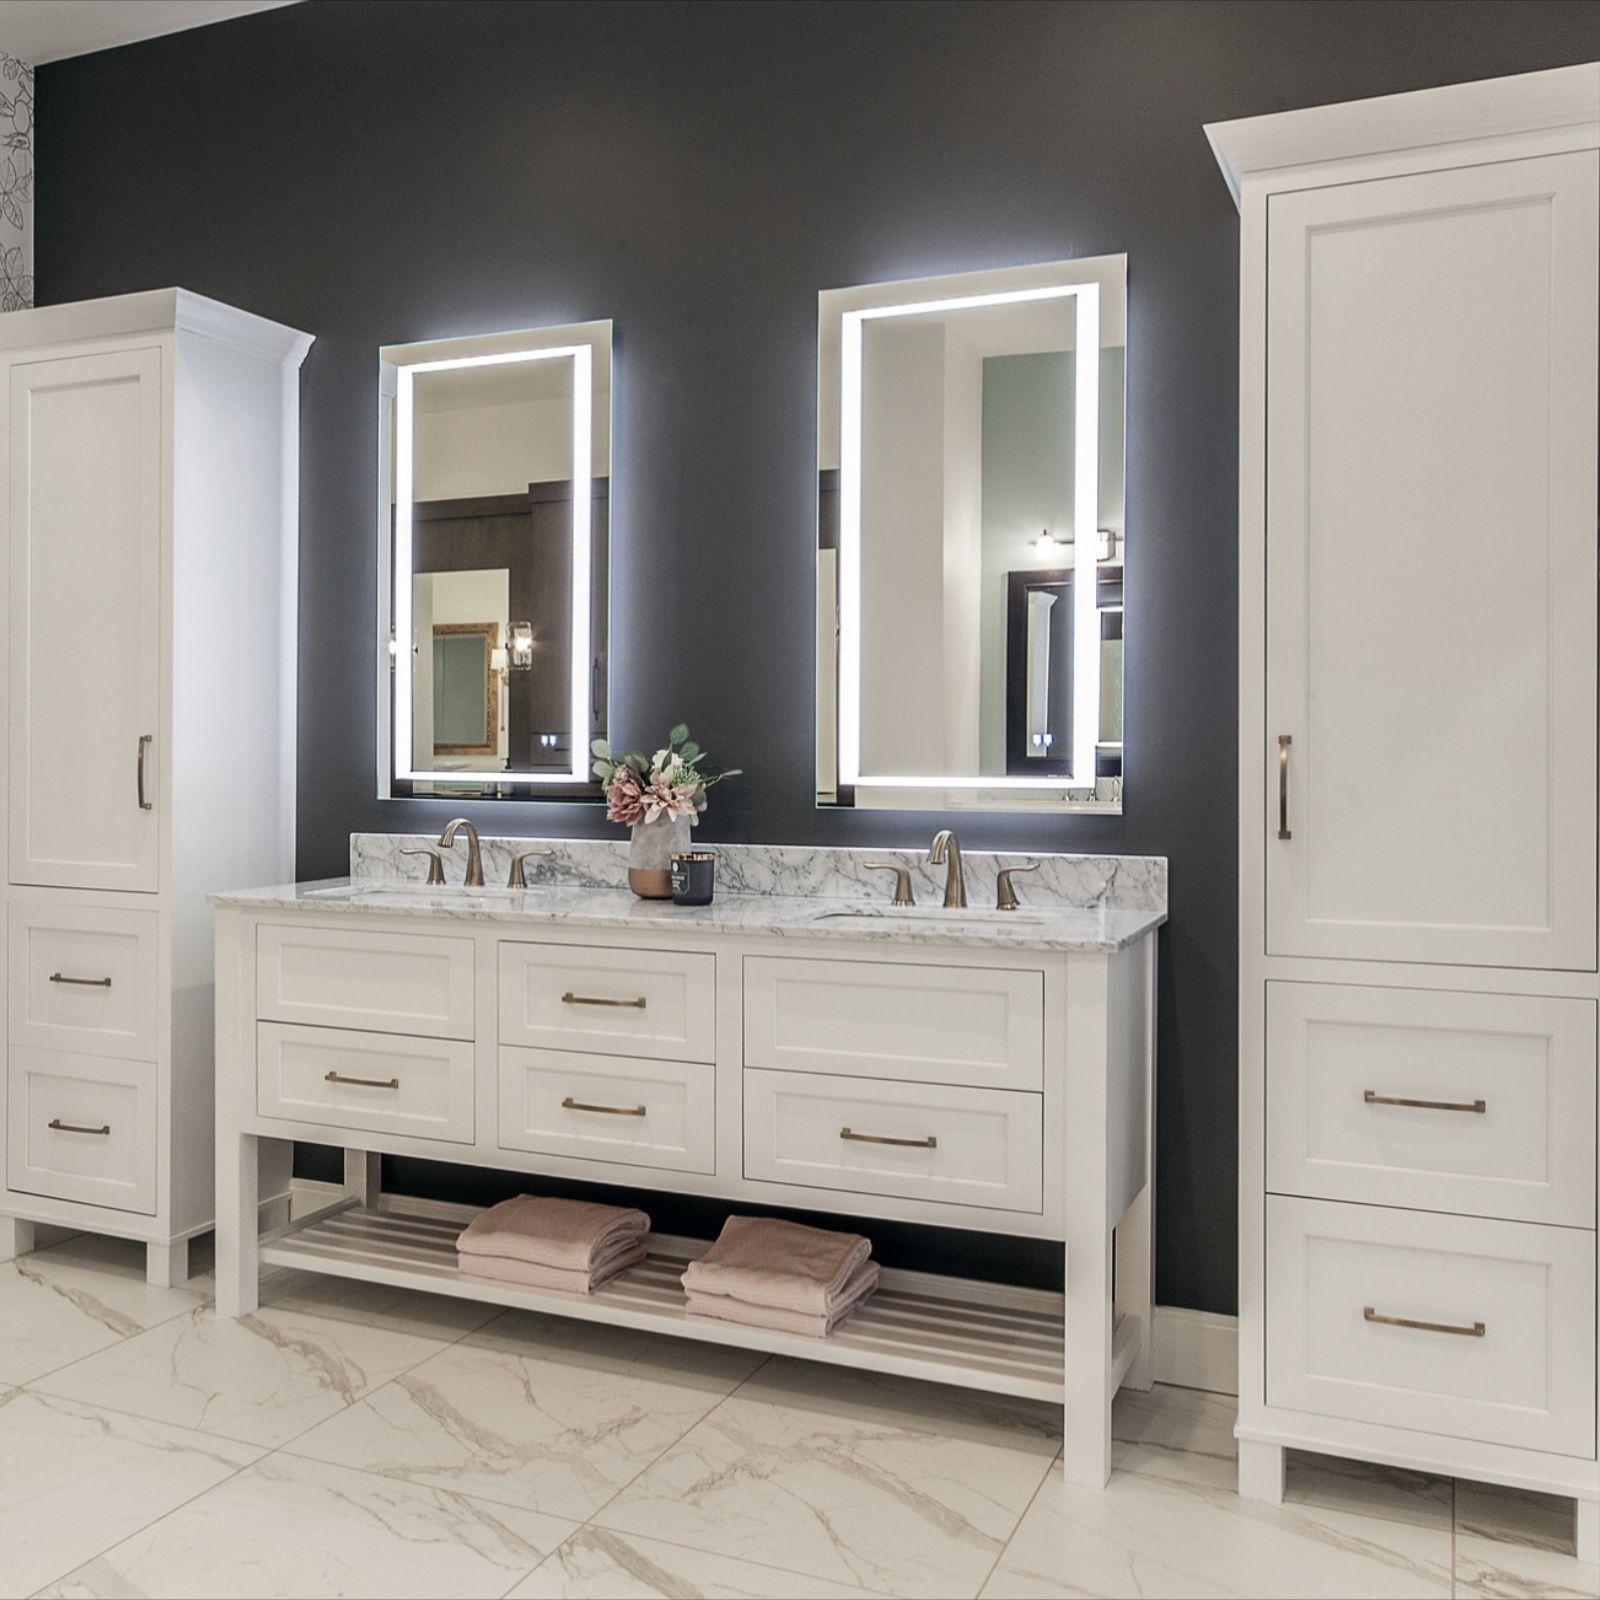 22+ Bathroom vanities long island information